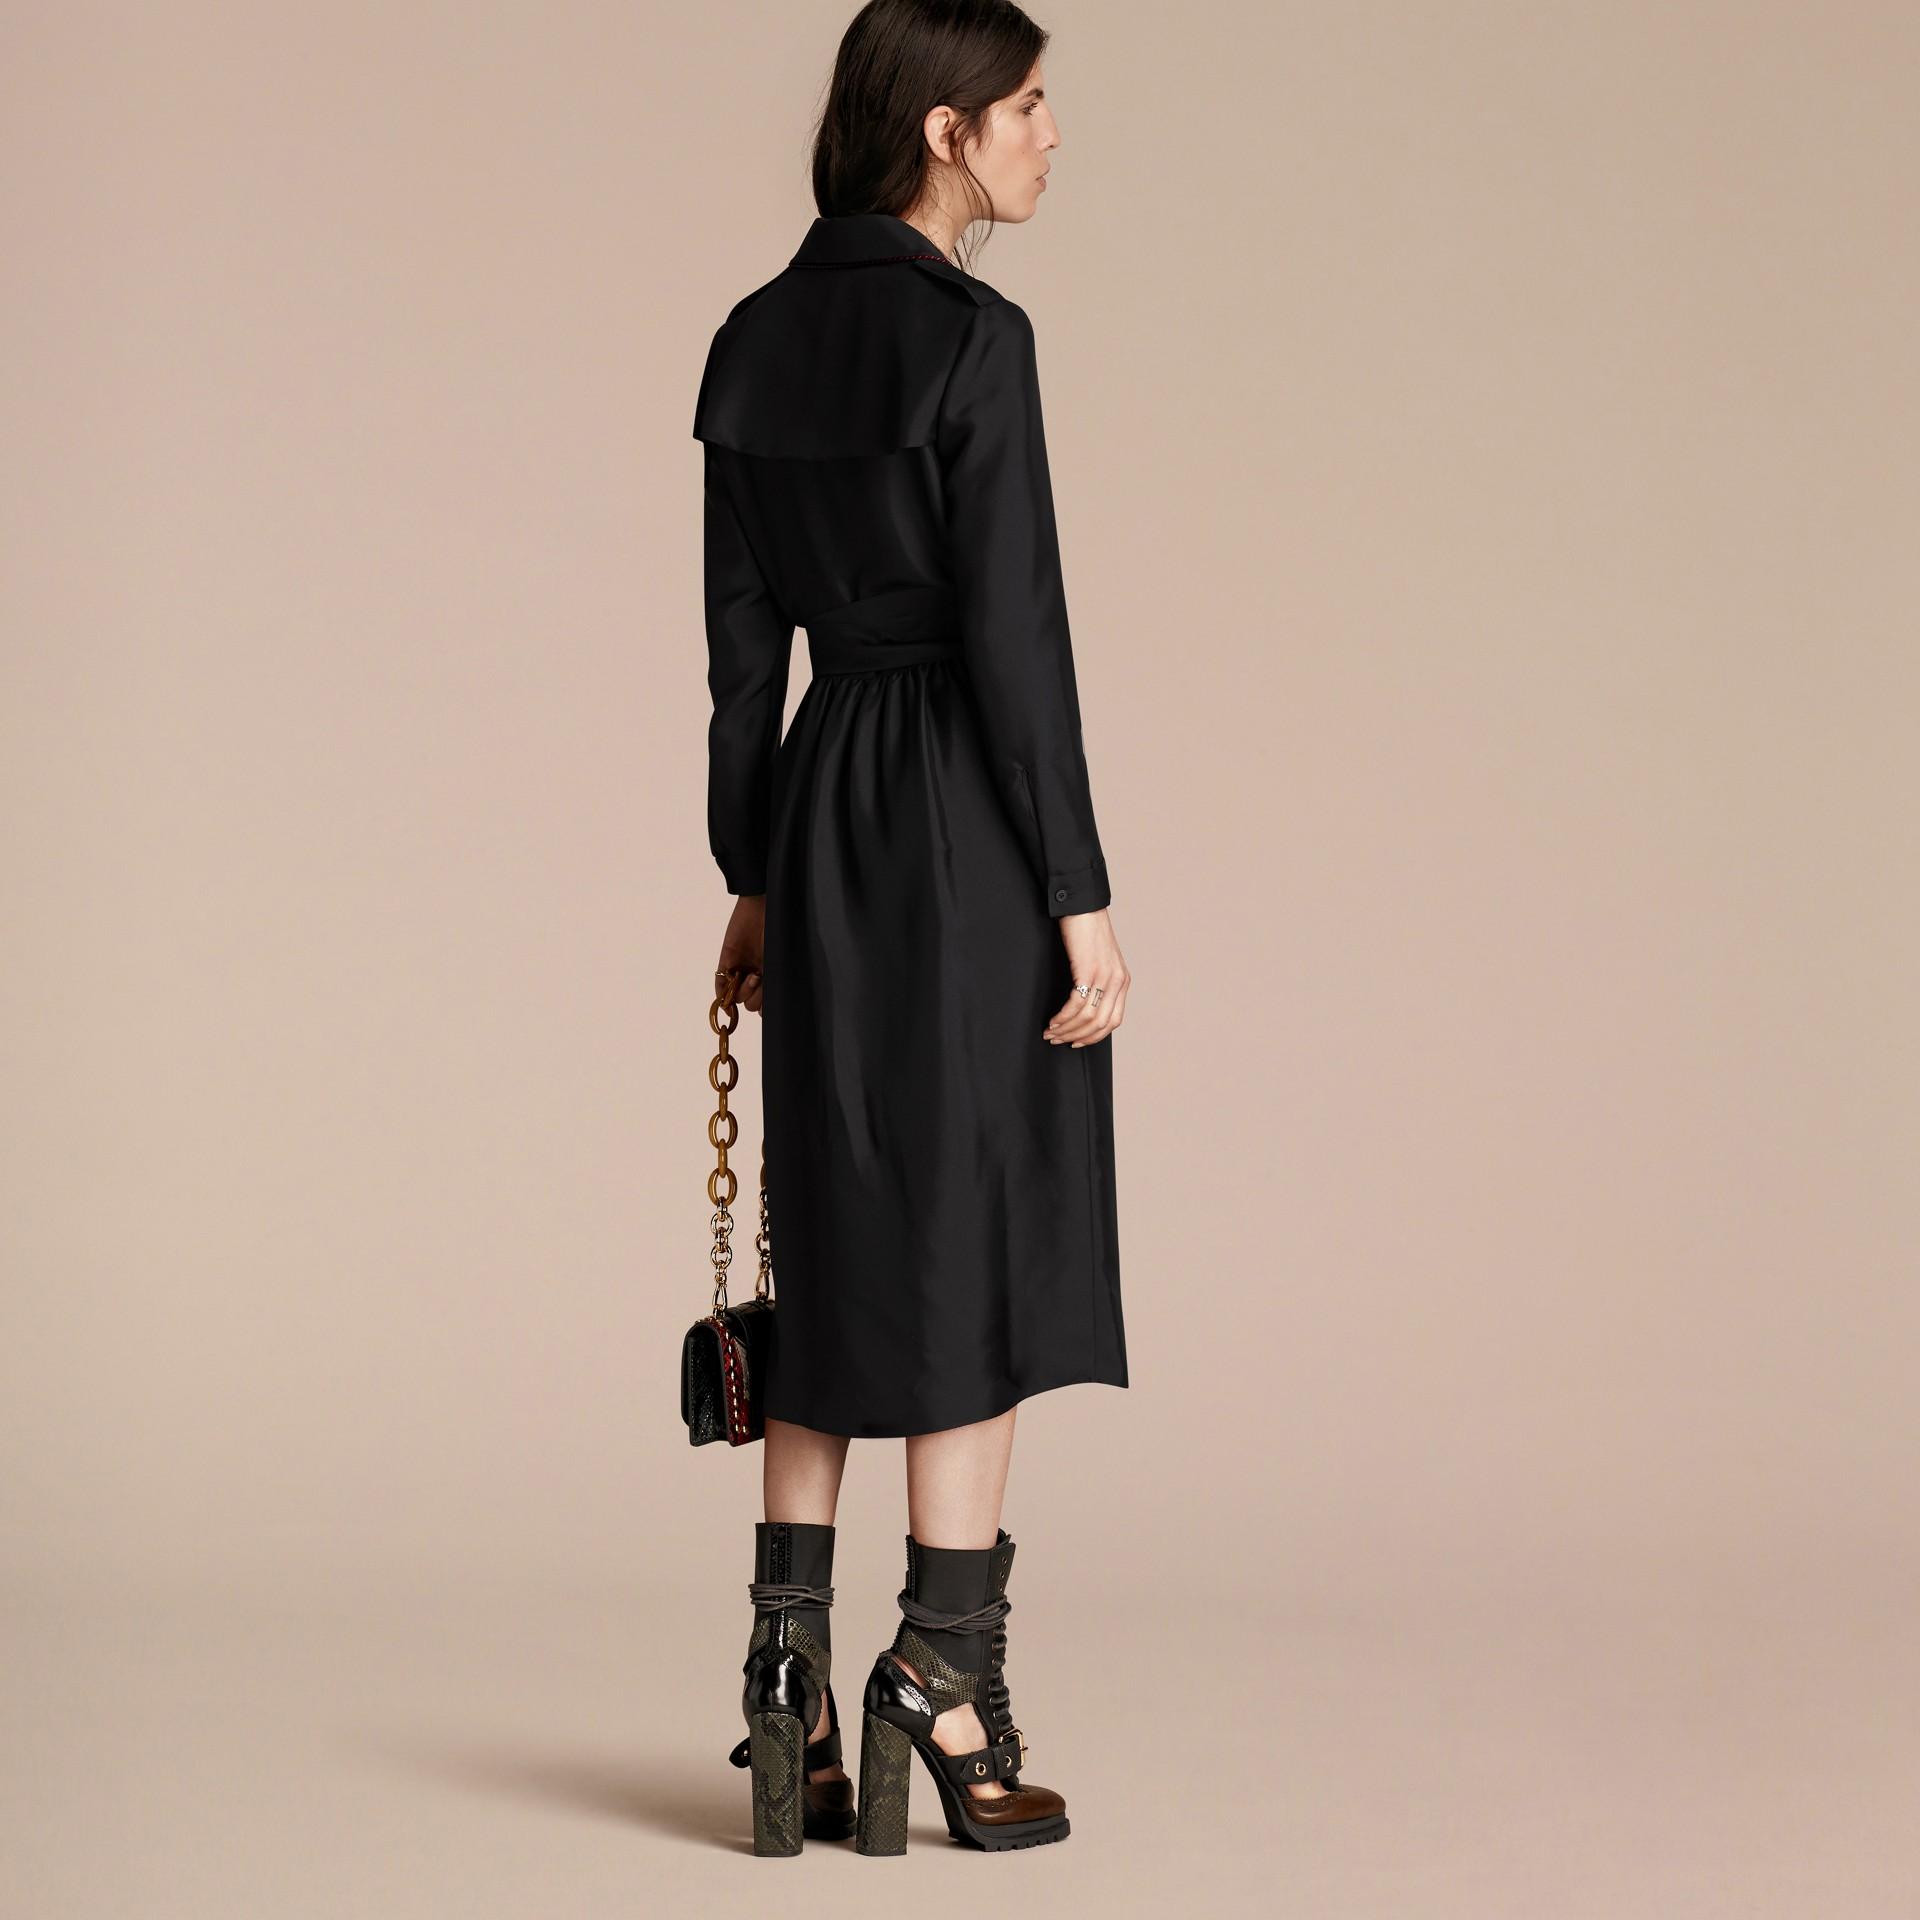 Preto Vestido Trench estilo wrap de seda com debrum militar - galeria de imagens 3